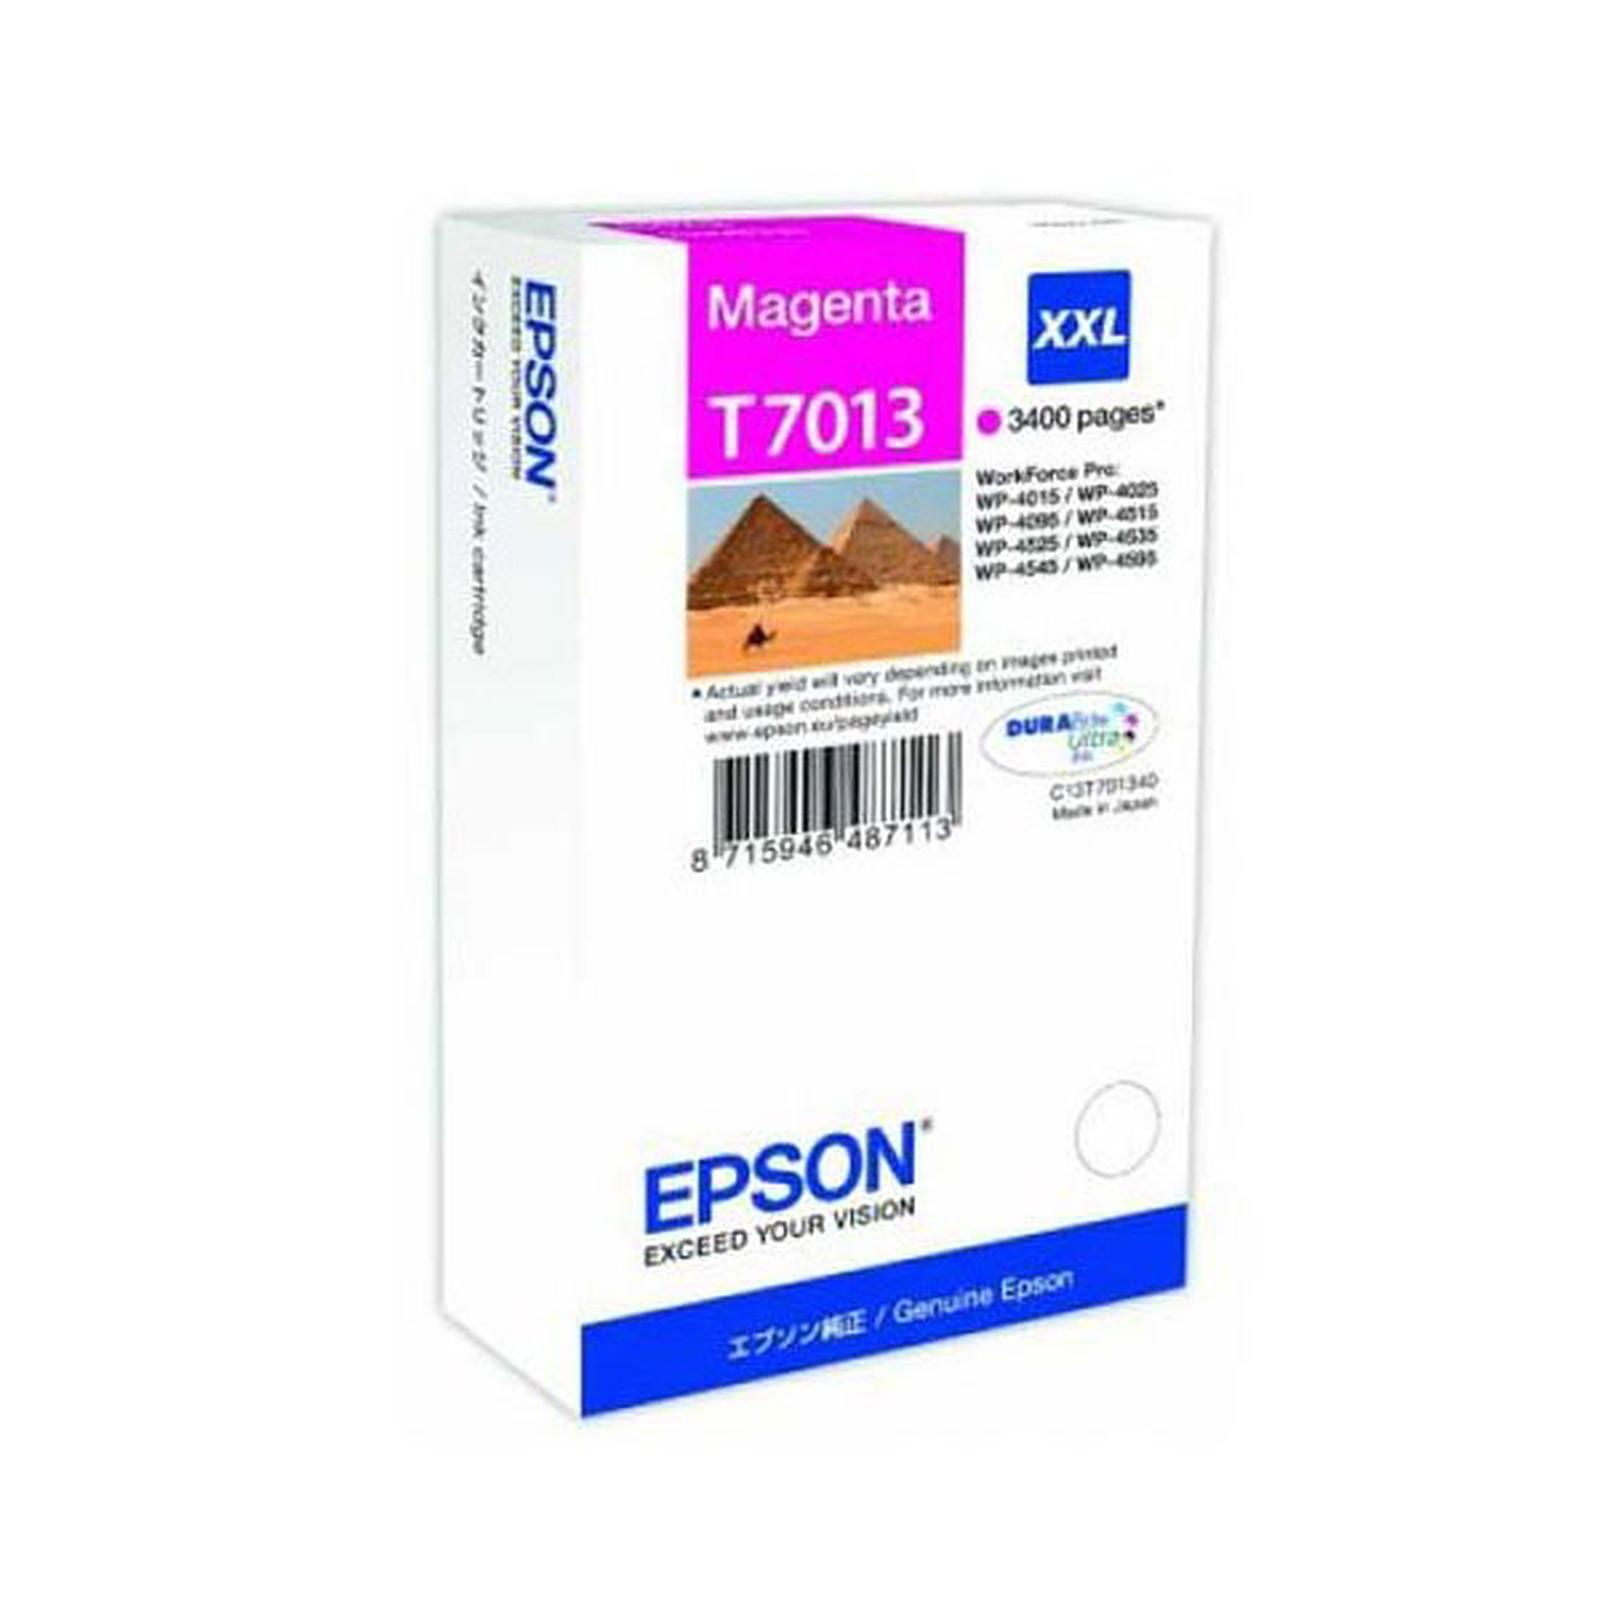 Epson T7013 XXL